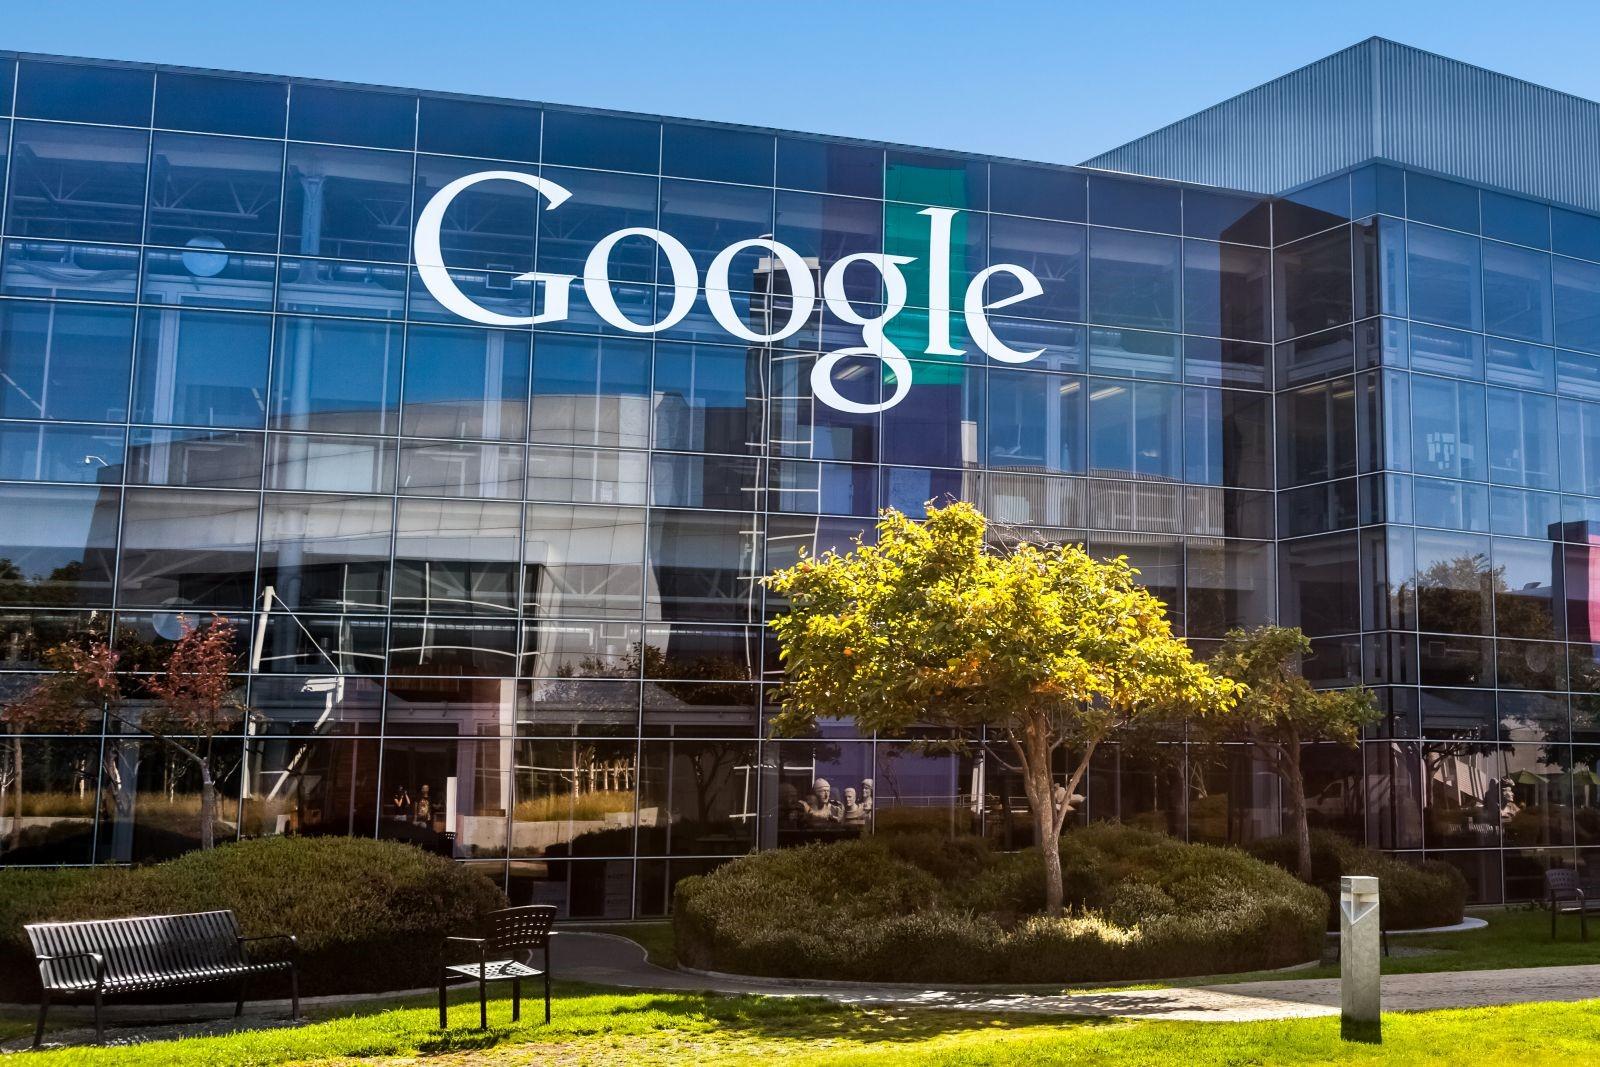 Para 2018, o Google anunciou que 100% da energia utilizada em suas operações será renovável. A empresa investe há algum tempo em projetos utilizando a energia solar e eólica, desde 2010. A meta para o ano que vem é ter energia renovável suficiente para cobrir tudo que é usado tanto em seus escritórios quanto em seus data-centers. O comunicado do Google afirma que atualmente, a empresa é a que mais compra energia renovável no mundo. Segundo o anúncio, ela é responsável pela geração de mais de 2,6 GW (gigawatts) de energia no mundo todo. Cada gigawatt de energia é suficiente para abastecer uma cidade com 1,5 milhão de habitantes, segundo a Associação Brasileira de Energia Eólica. Um dos principais motivos dessa iniciativa tomada pela empresa Google foi a queda de preço de 60 a 80% nas energias renováveis. Os investimentos em infraestrutura de energia da empresa totalizaram mais de US$ 3,5 bilhões no mundo, o que fez a empresa se tornar atualmente a maior compradora de energia limpa do mundo.  Com os três novos contratos, em Dakota do Sul, Iowa e Oklahoma (Estados Unidos) será somado a infraestrutura da companhia 535 megawatts, permitindo que o Google monte uma rede limpa de mais de 3 gigawatts, sendo assim, o total será suficiente para abastecer a operação atual e também futuros projetos estão por vim. As fontes renováveis têm o grande benefício de não serem poluentes ou emitir gases de efeito estufa. Para o Google, a energia solar fotovoltaica, por ser renovável, passa por menores mudanças inesperadas de preço, tornando este tipo de energia alternativa uma opção mais econômica do que as outras. O Google analisou que nos últimos seis anos o preço da energia eólica caiu 60%, no mesmo período, a energia solar ficou 80% mais barata. As energias renováveis estão se tornando a opção de menor custo cada vez mais rápido e acessível. A empresa investir cada vez mais na produção de energia sustentável mundial, principalmente nas regiões onde seus data-centers estão instalados 